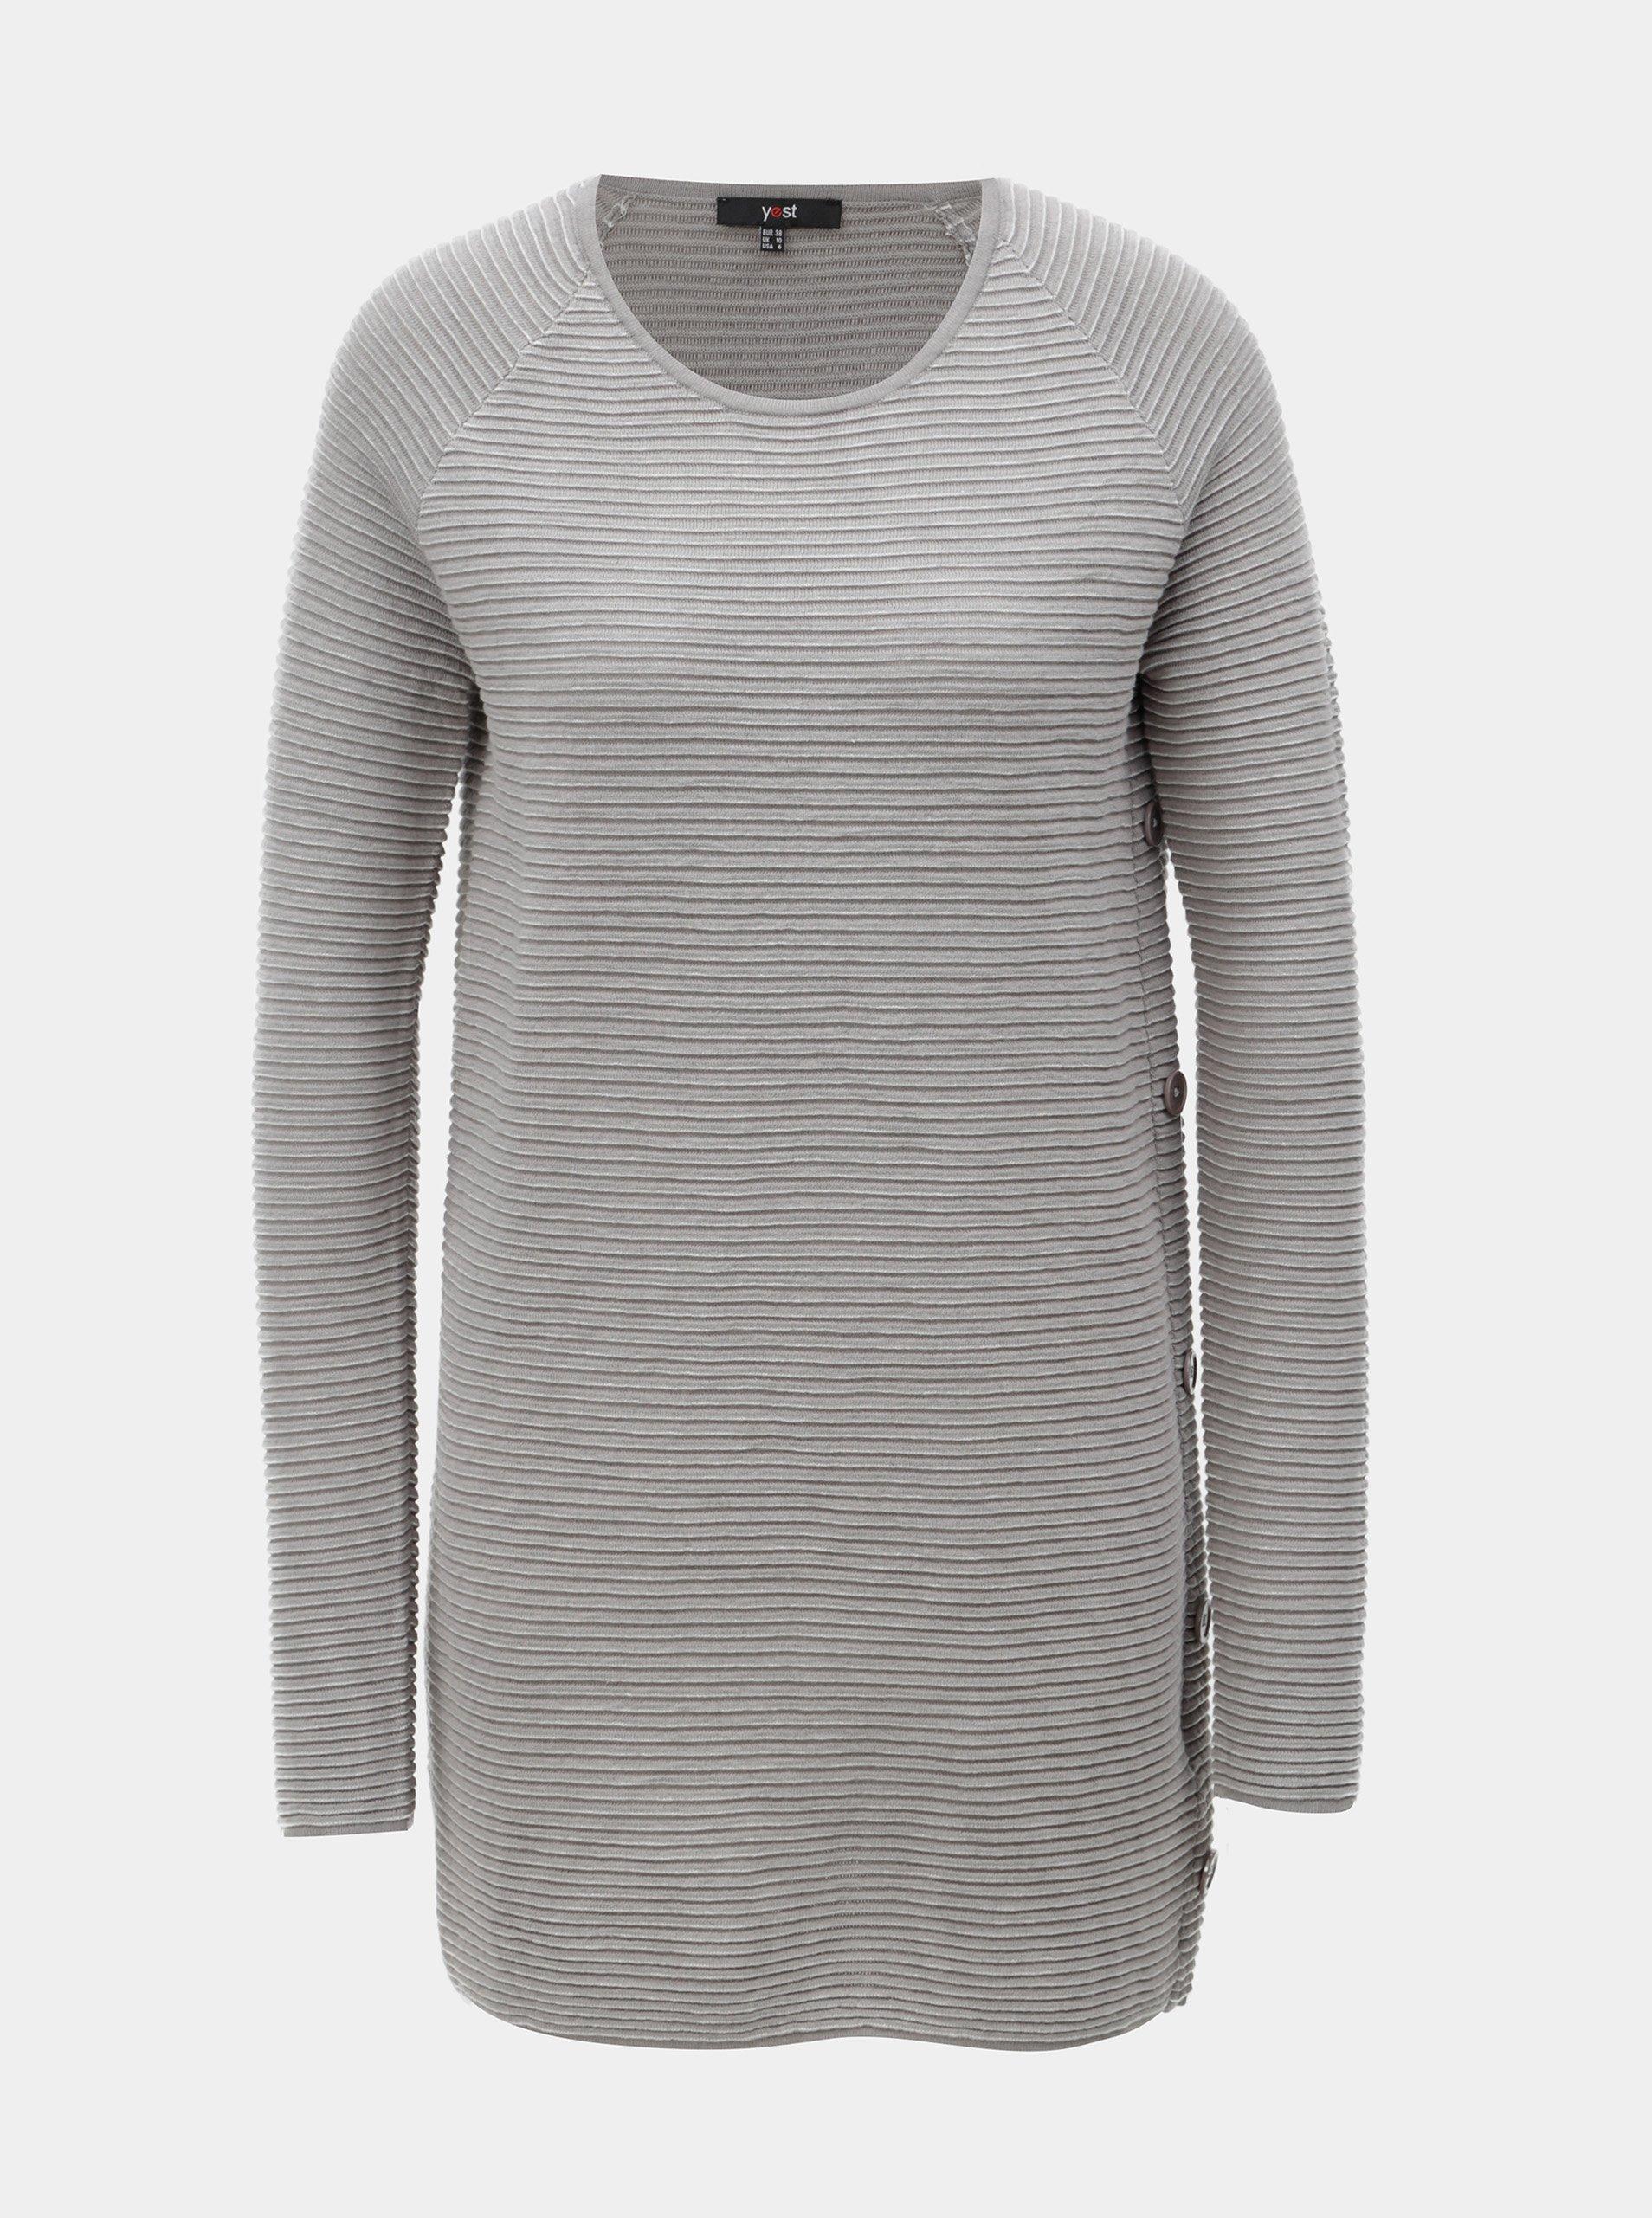 Šedý strukturovaný svetr s plastickým vzorem Yest 57a83a3d4e